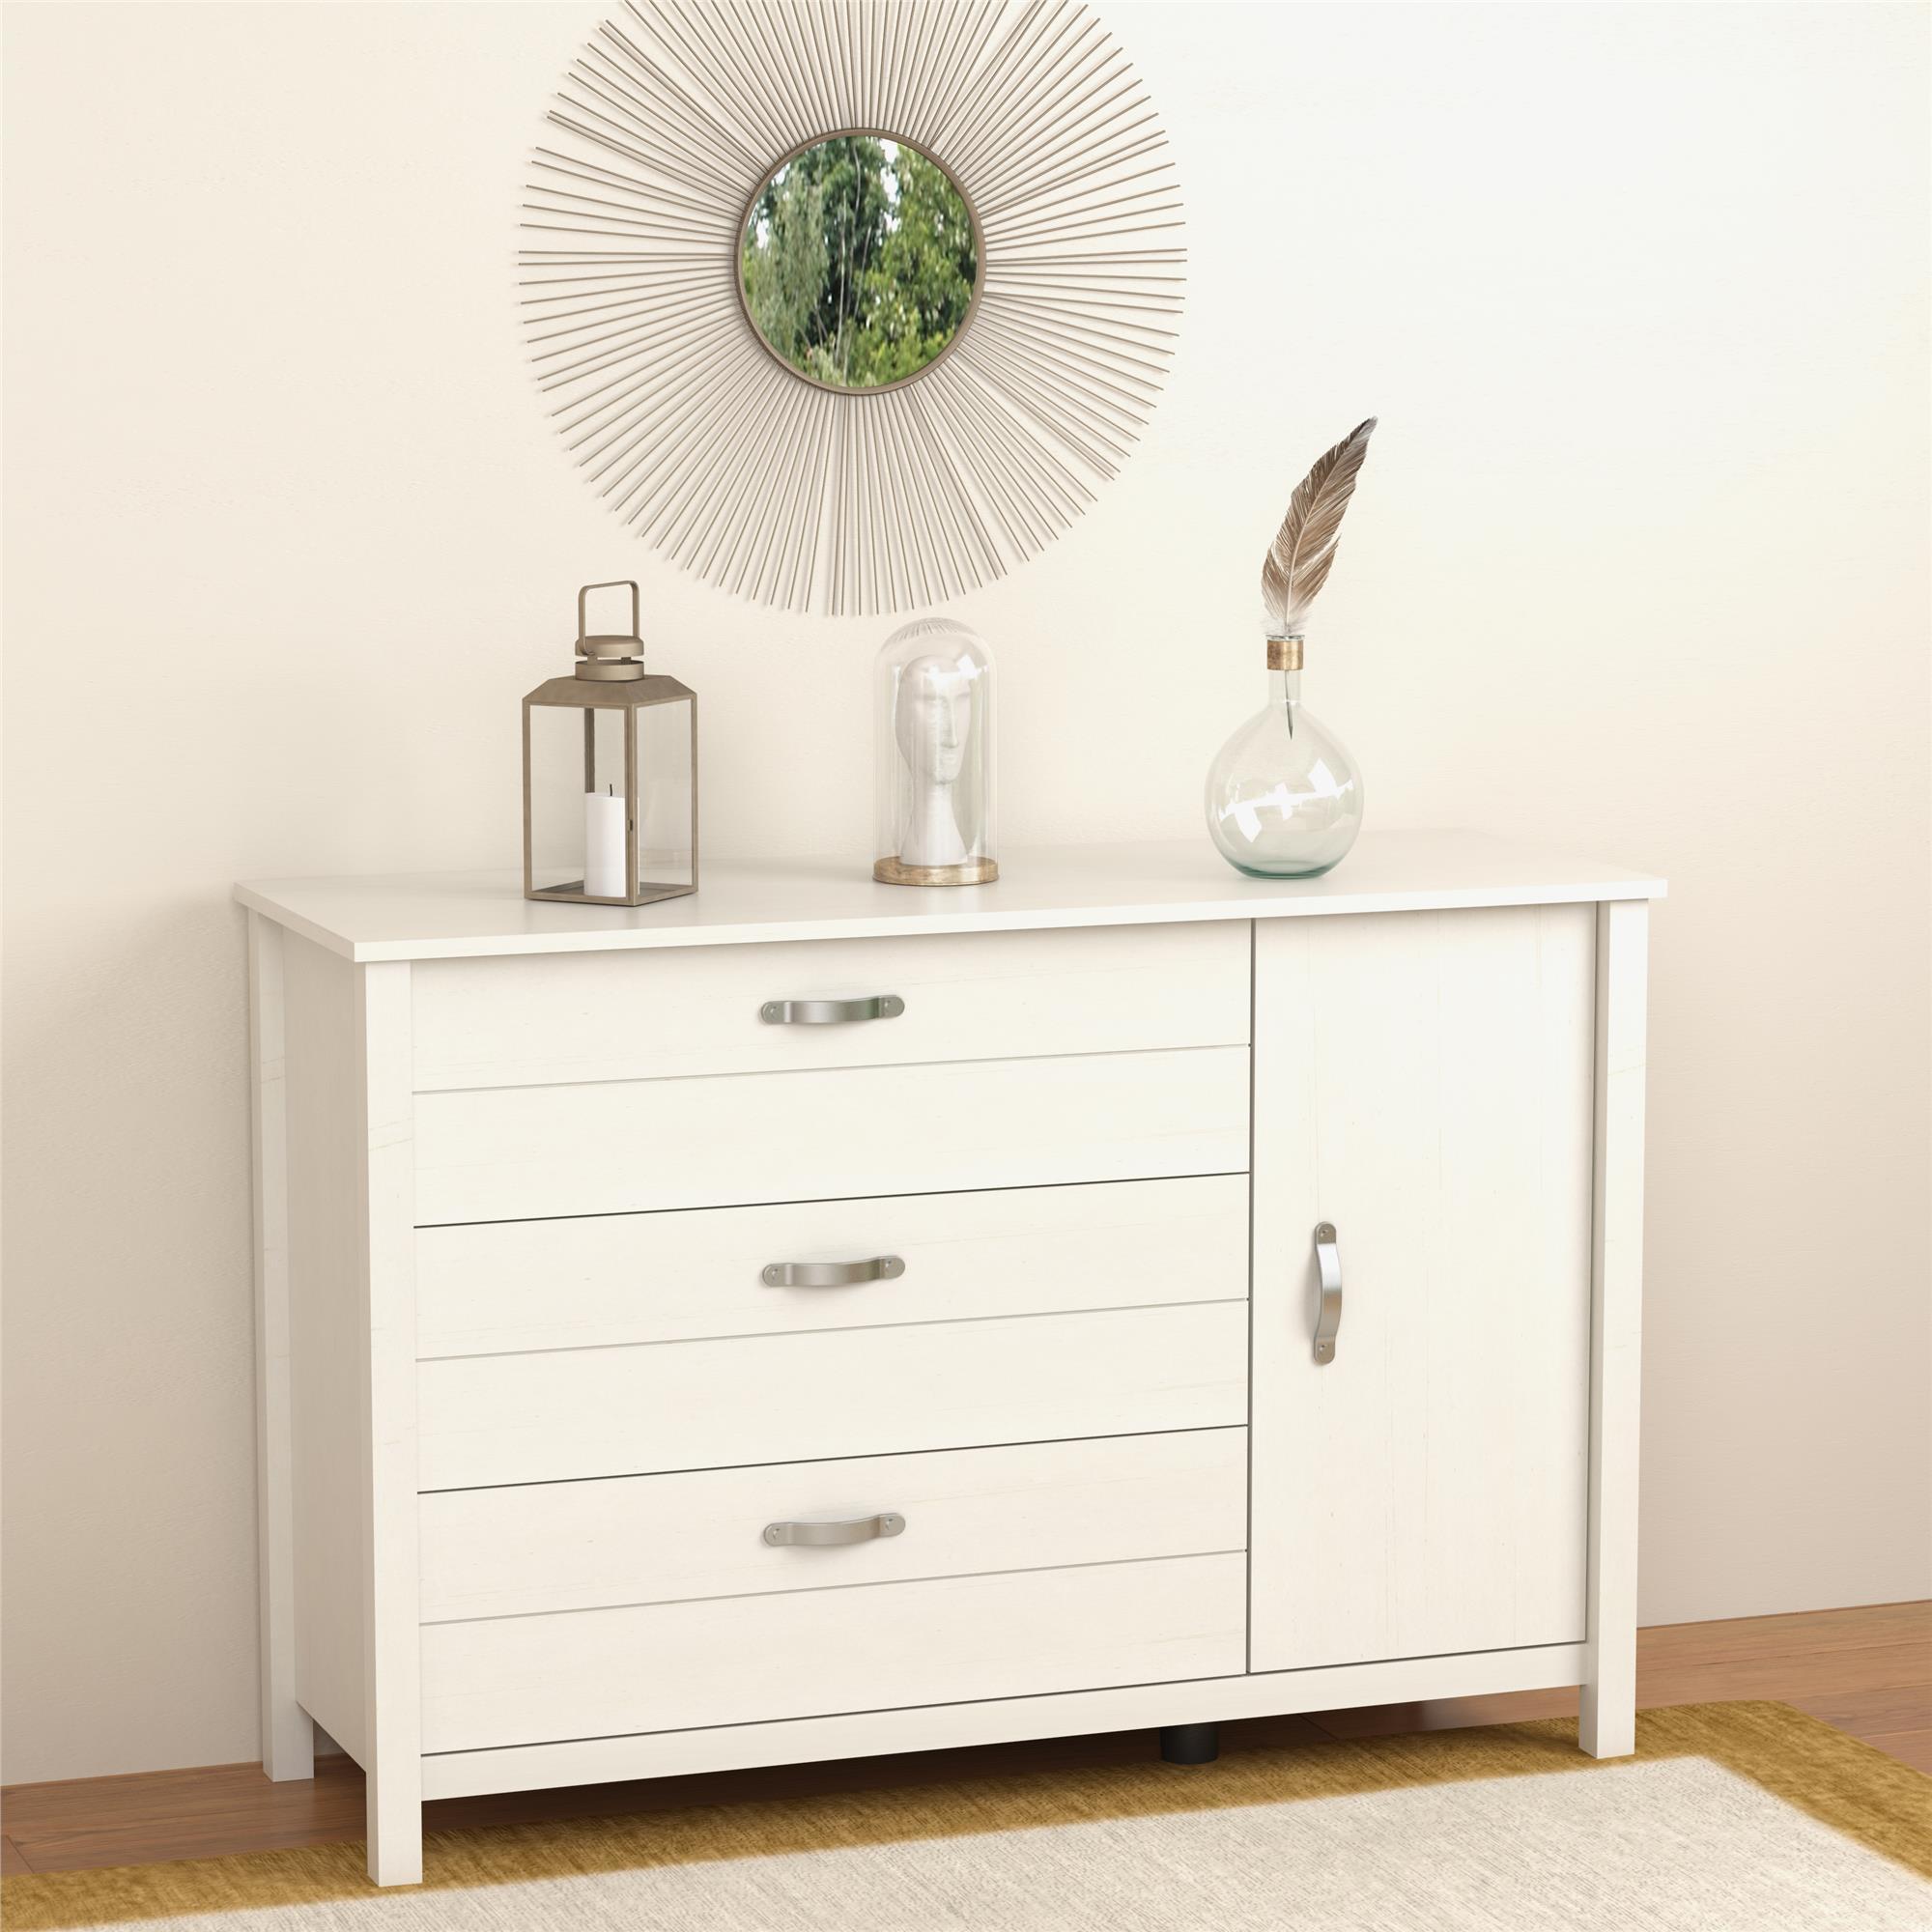 Havenside Home Eureka 3-drawer and 1-door Dresser